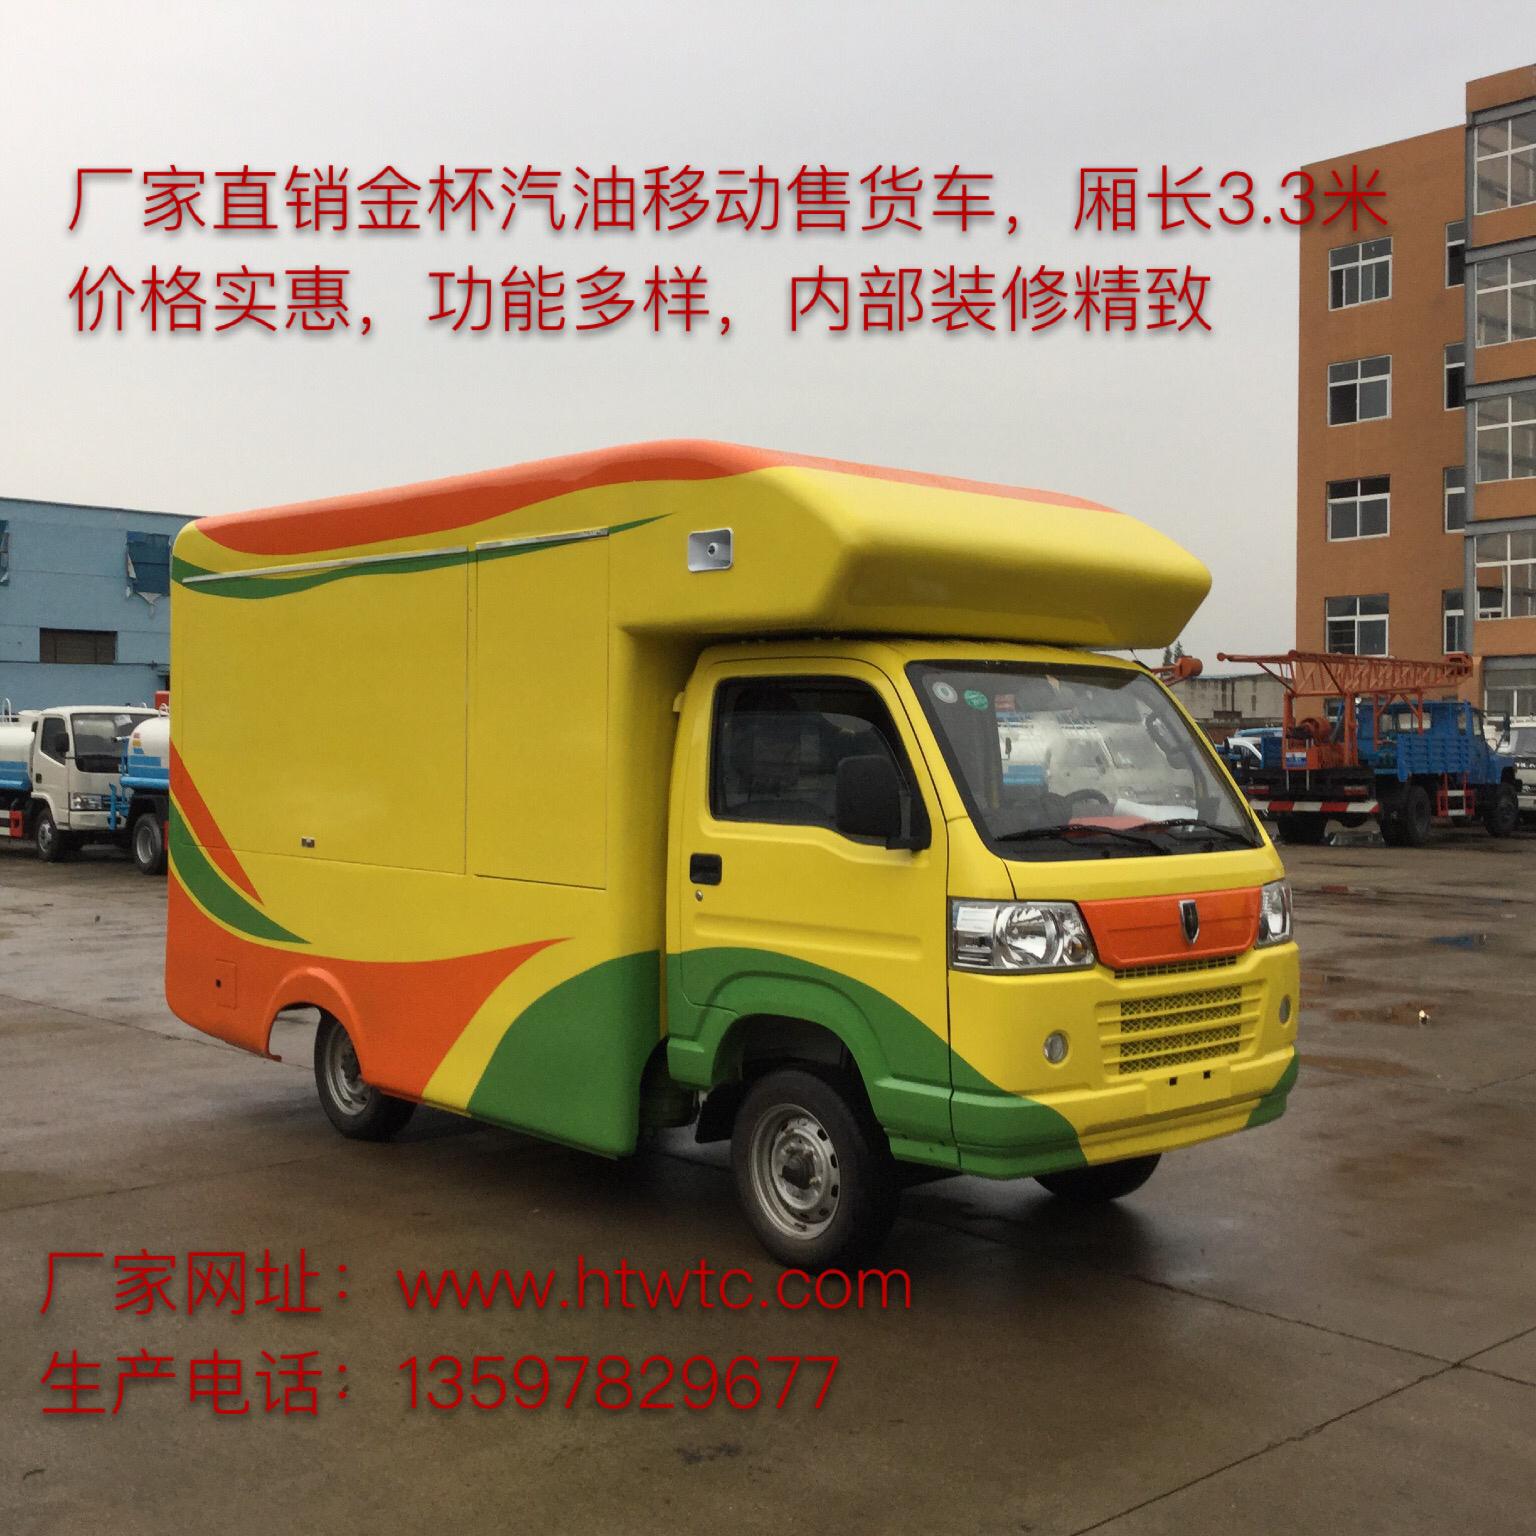 金杯移动售货车(国五)